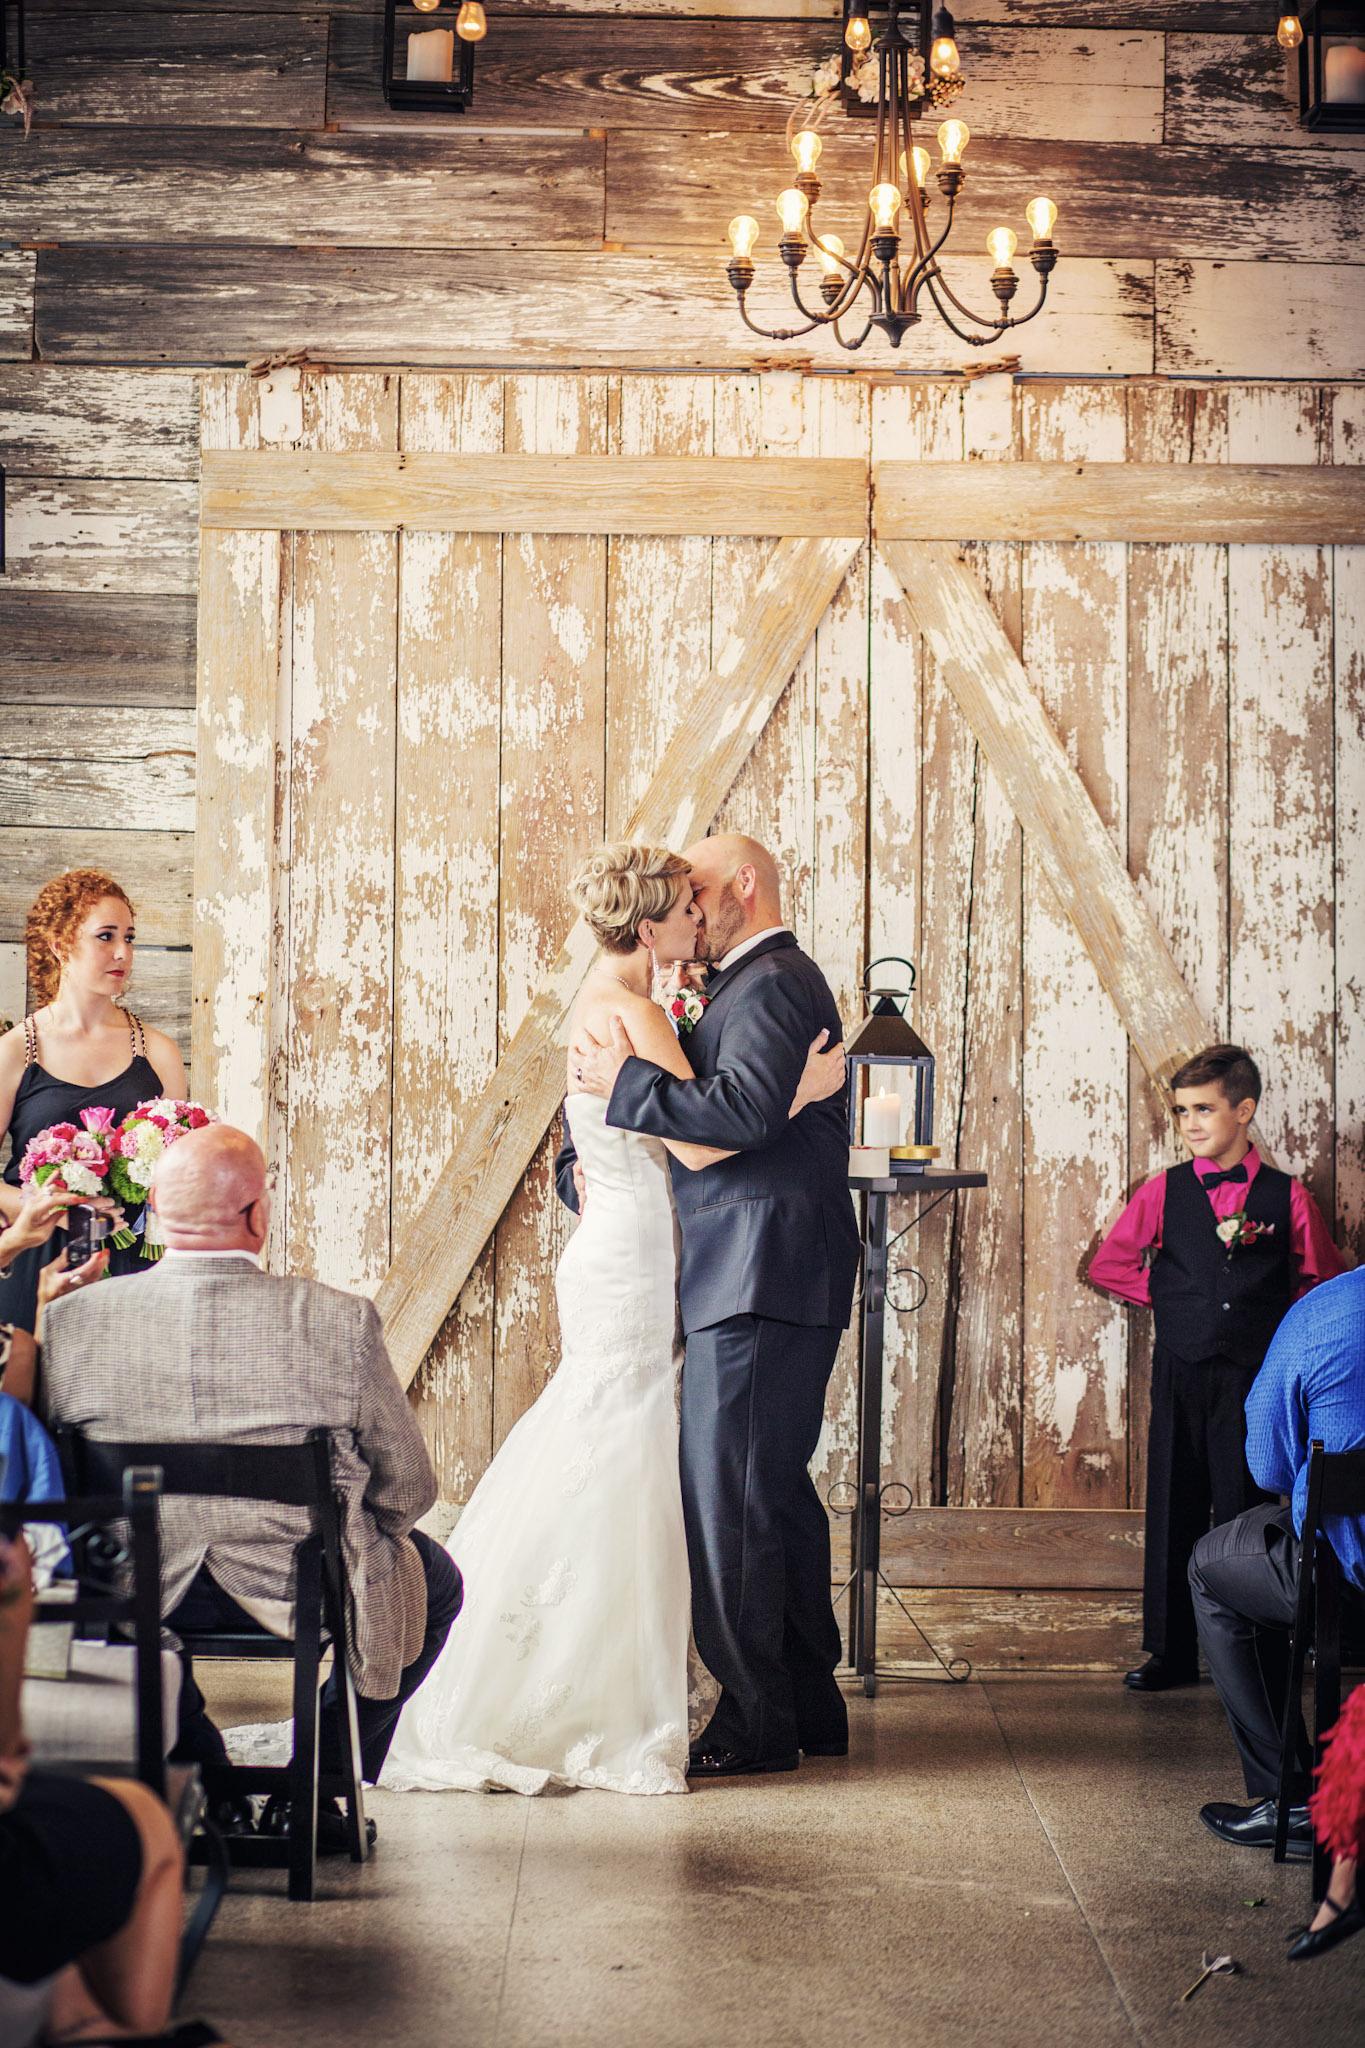 Kansas+City-Small+Wedding-Elope_Intimate_Ceremony_Melanie+David-8.jpg